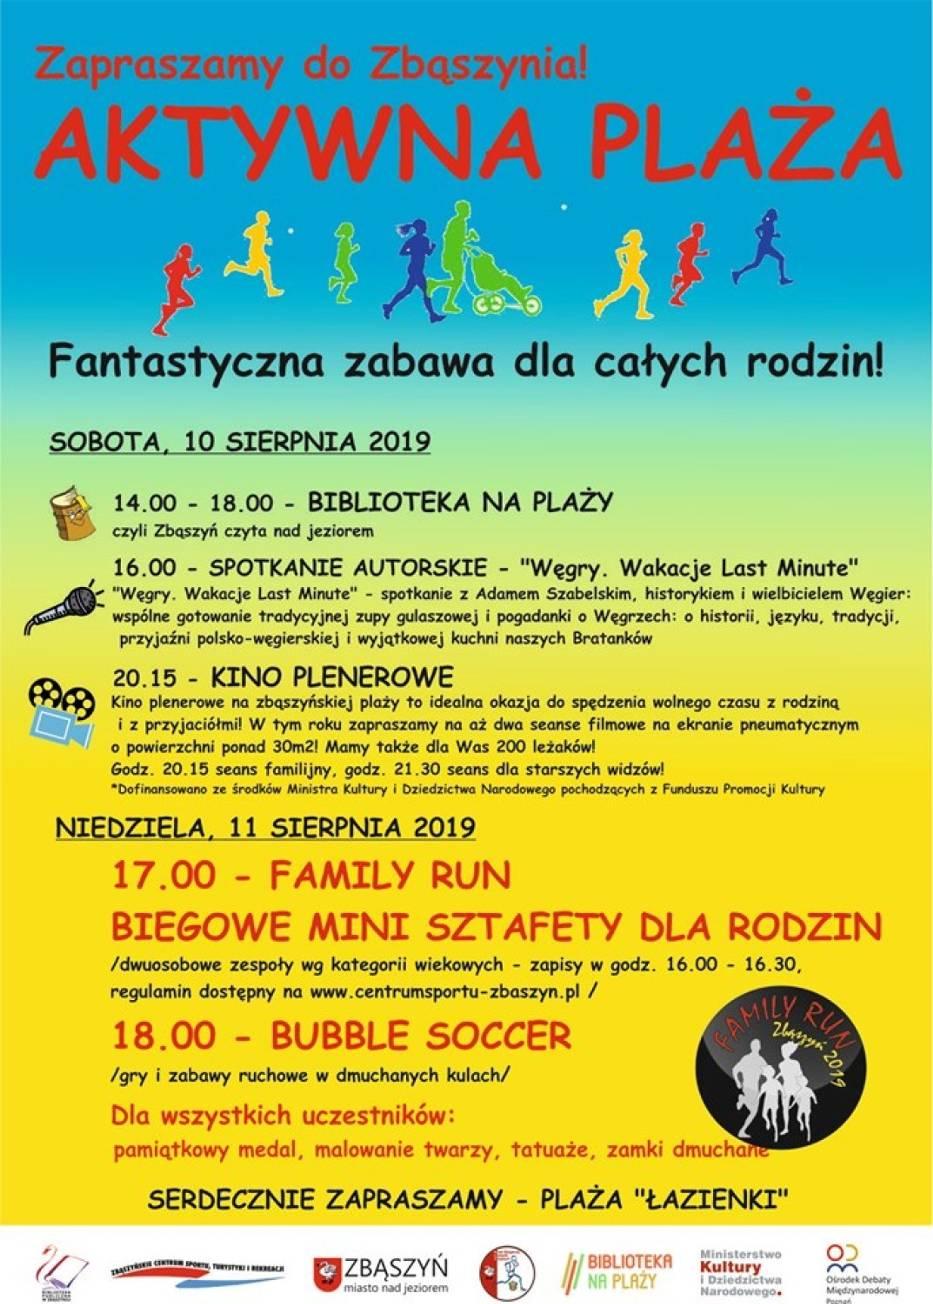 Aktywna Plaża. Family Run - Biegowe mini sztafety dla rodzin. 11 sierpnia 2019